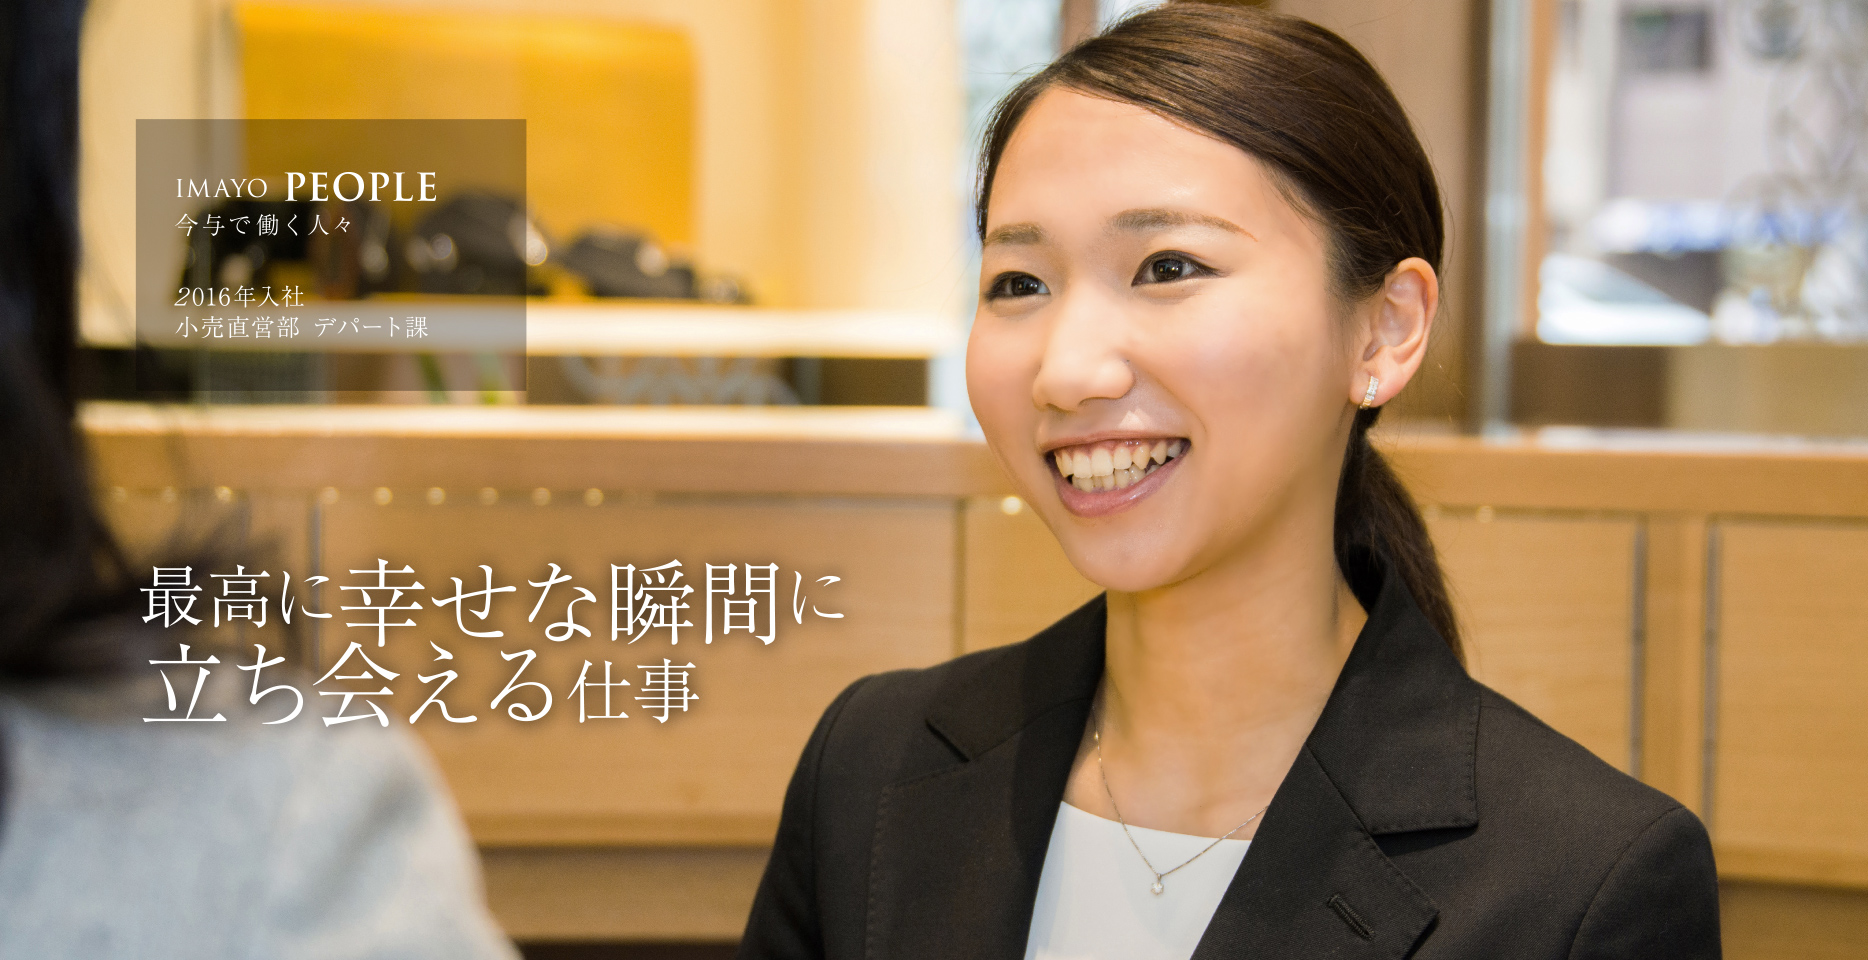 最高に幸せな瞬間に立ち会える仕事 2016年入社小売直営部デパート課 西村理香